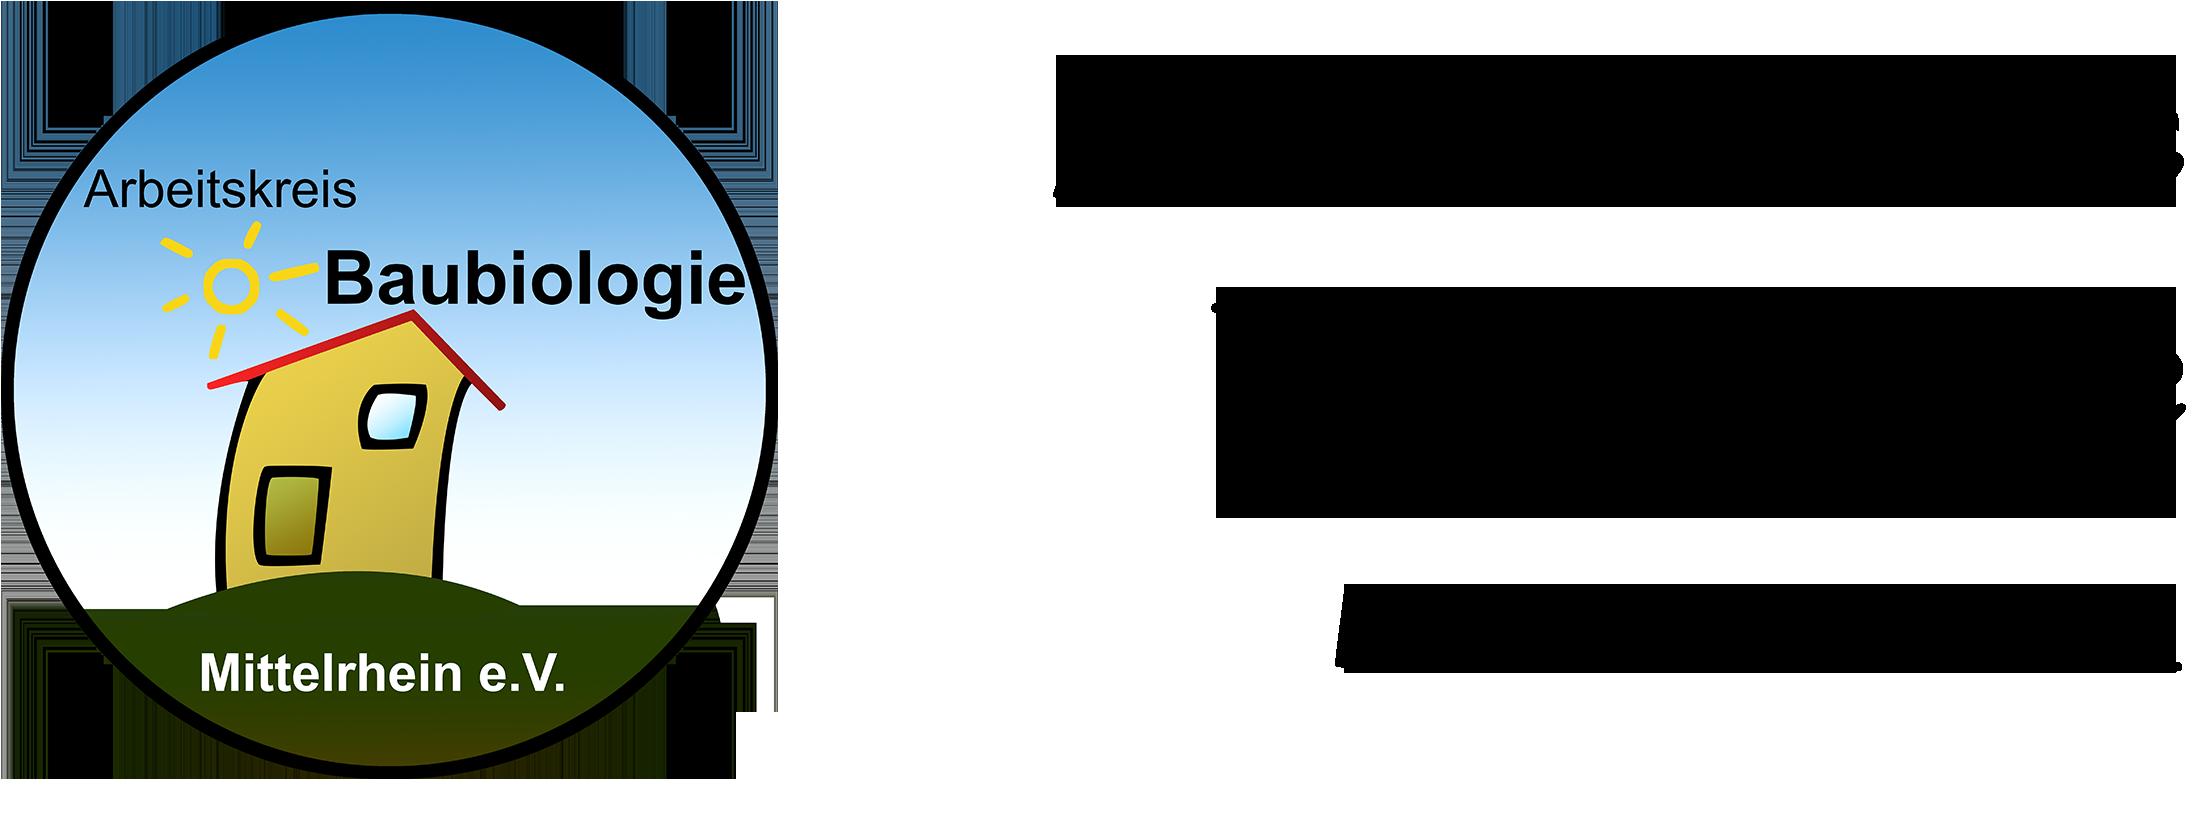 Arbeitskreis Baubiologie Mittelrhein e.V.